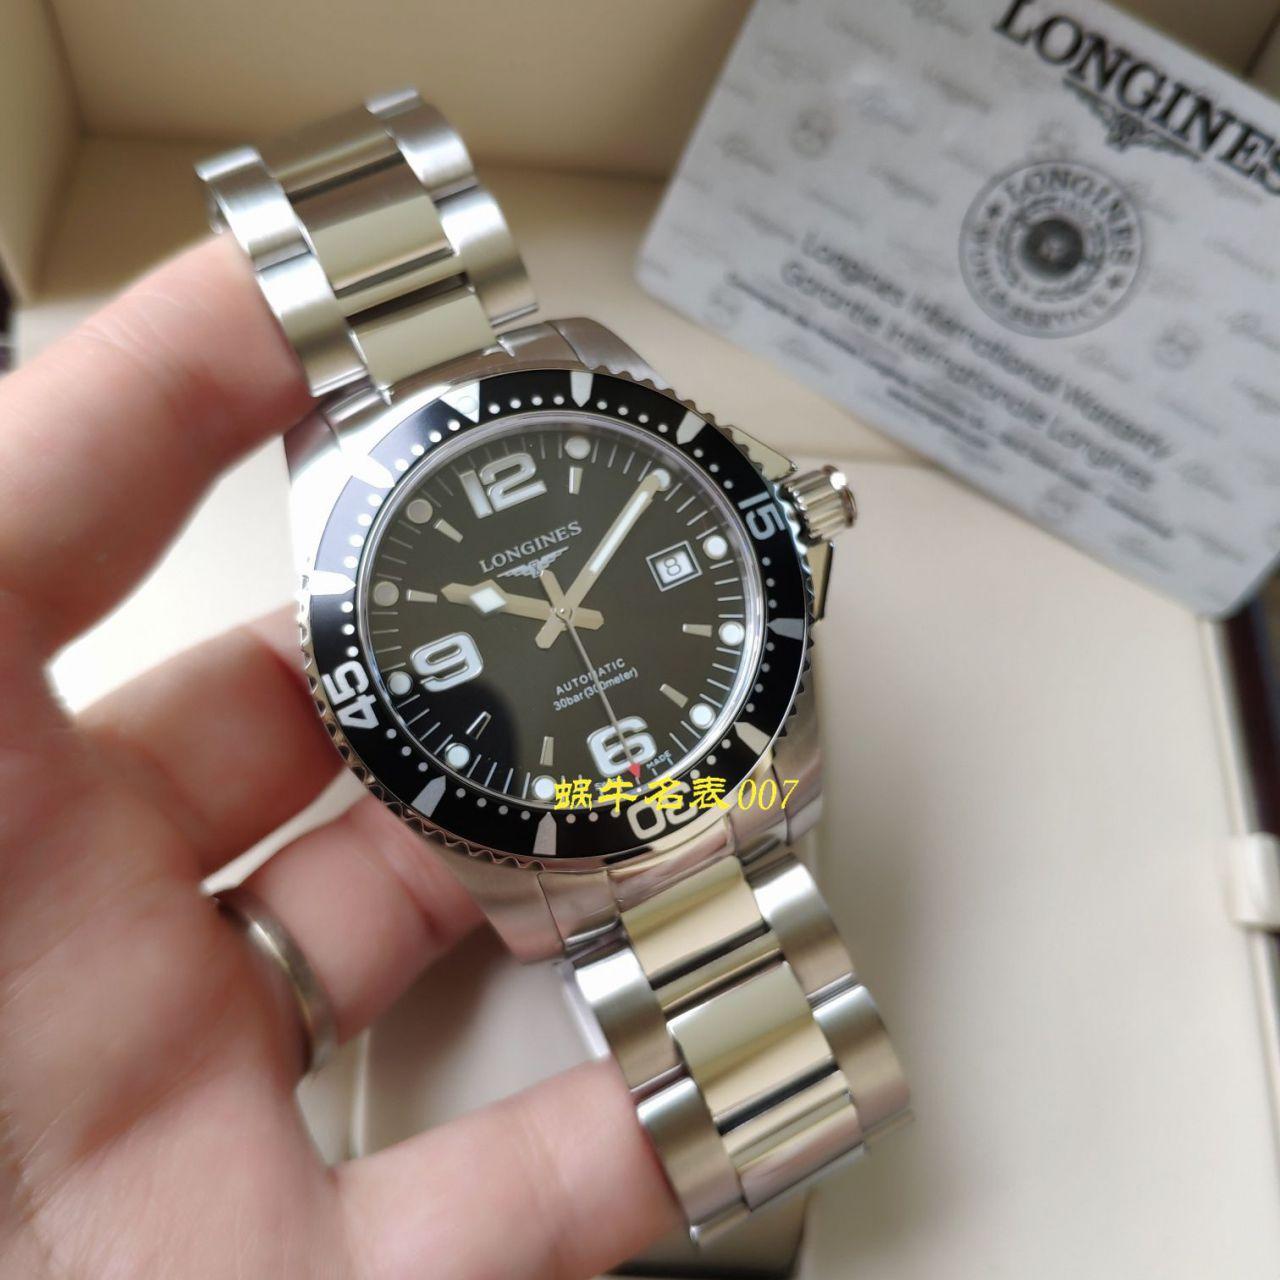 【渠道原单Longines】浪琴康卡斯潜水系列L3.742.4.56.6腕表 / L116